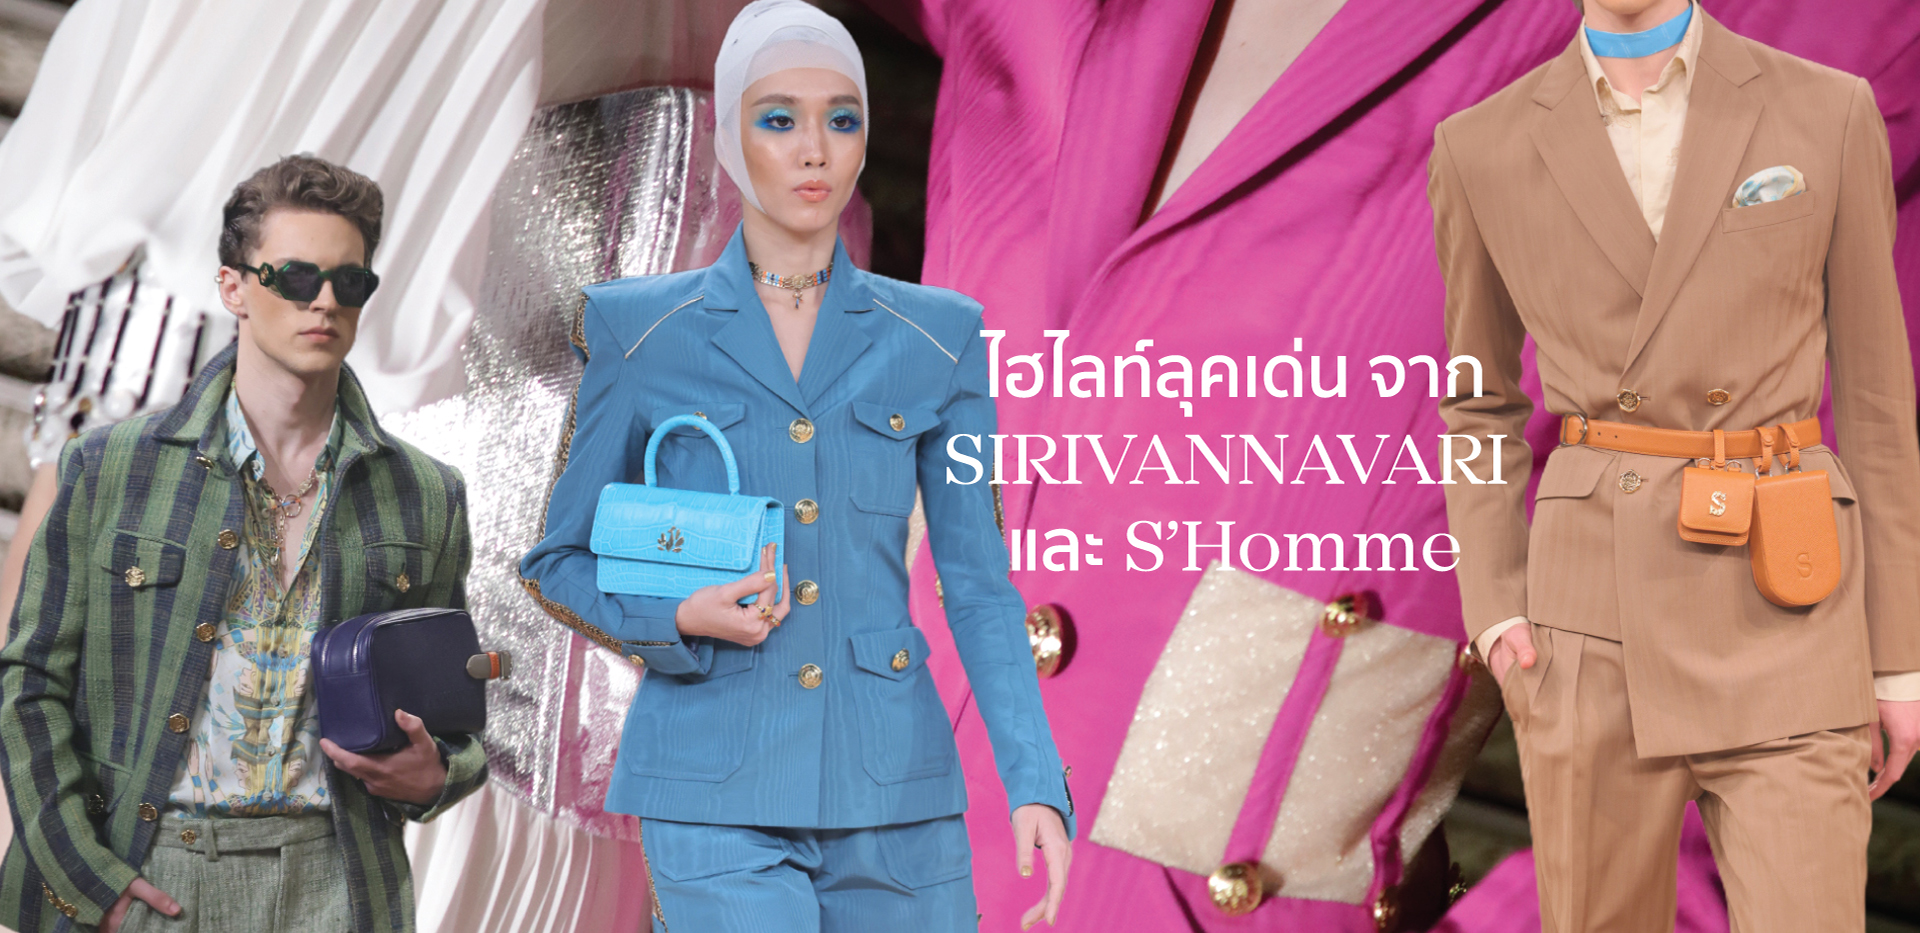 ไฮไลท์ลุคเด่น จาก SIRIVANNAVARI และ S'Homme